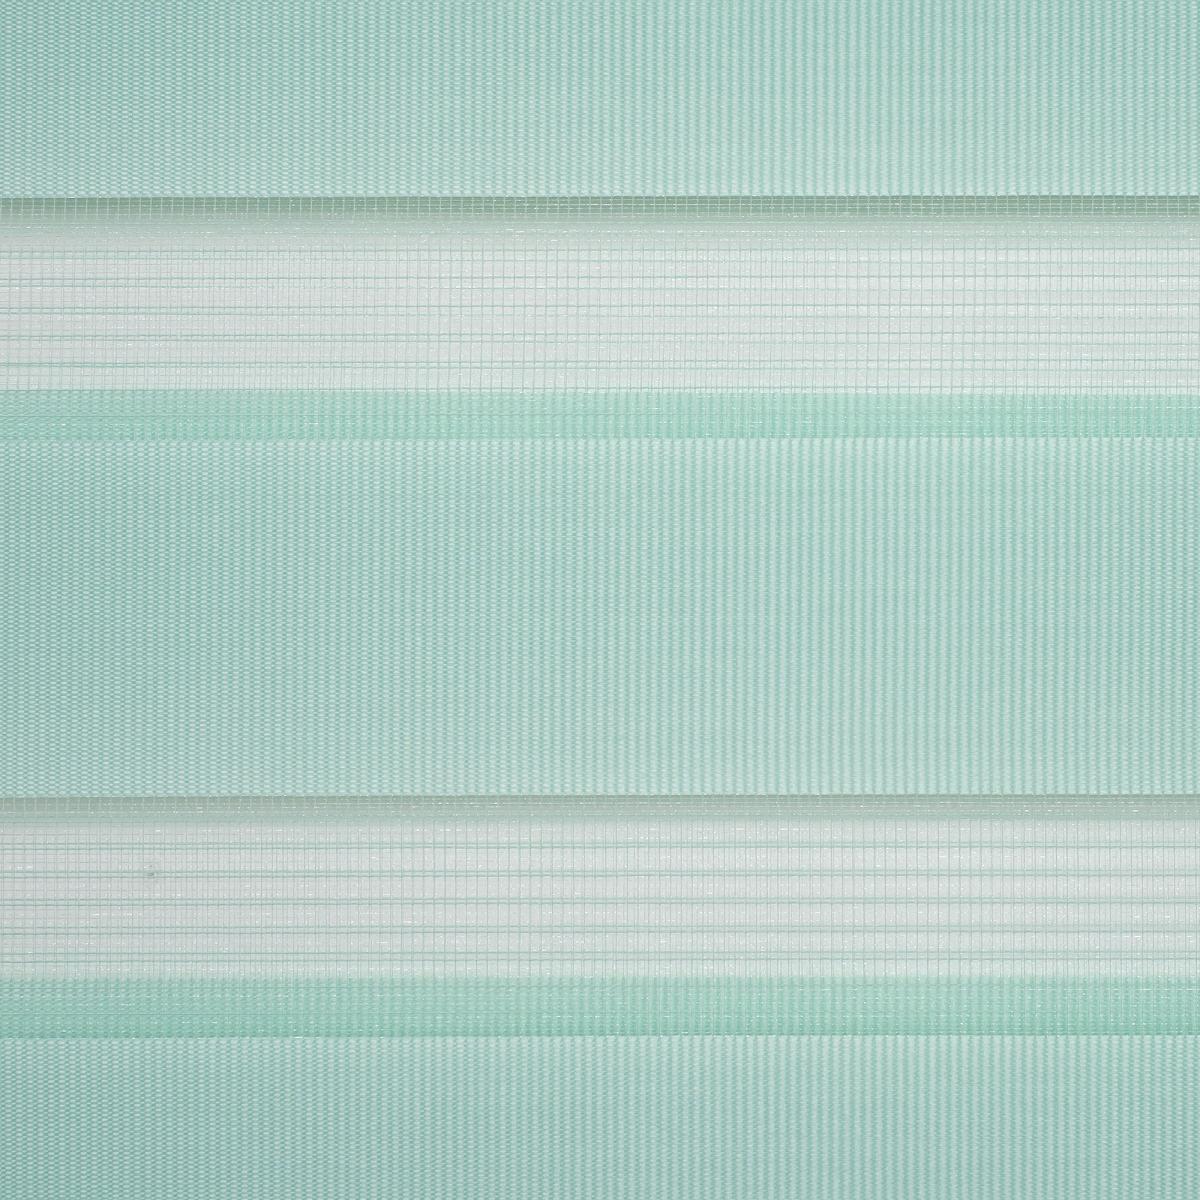 Bild 4 von Bella Casa Duo-Rollo mini, Klemmfix Doppelrollo, pastellgrün, Rollo 45 x 160 cm (B x H)